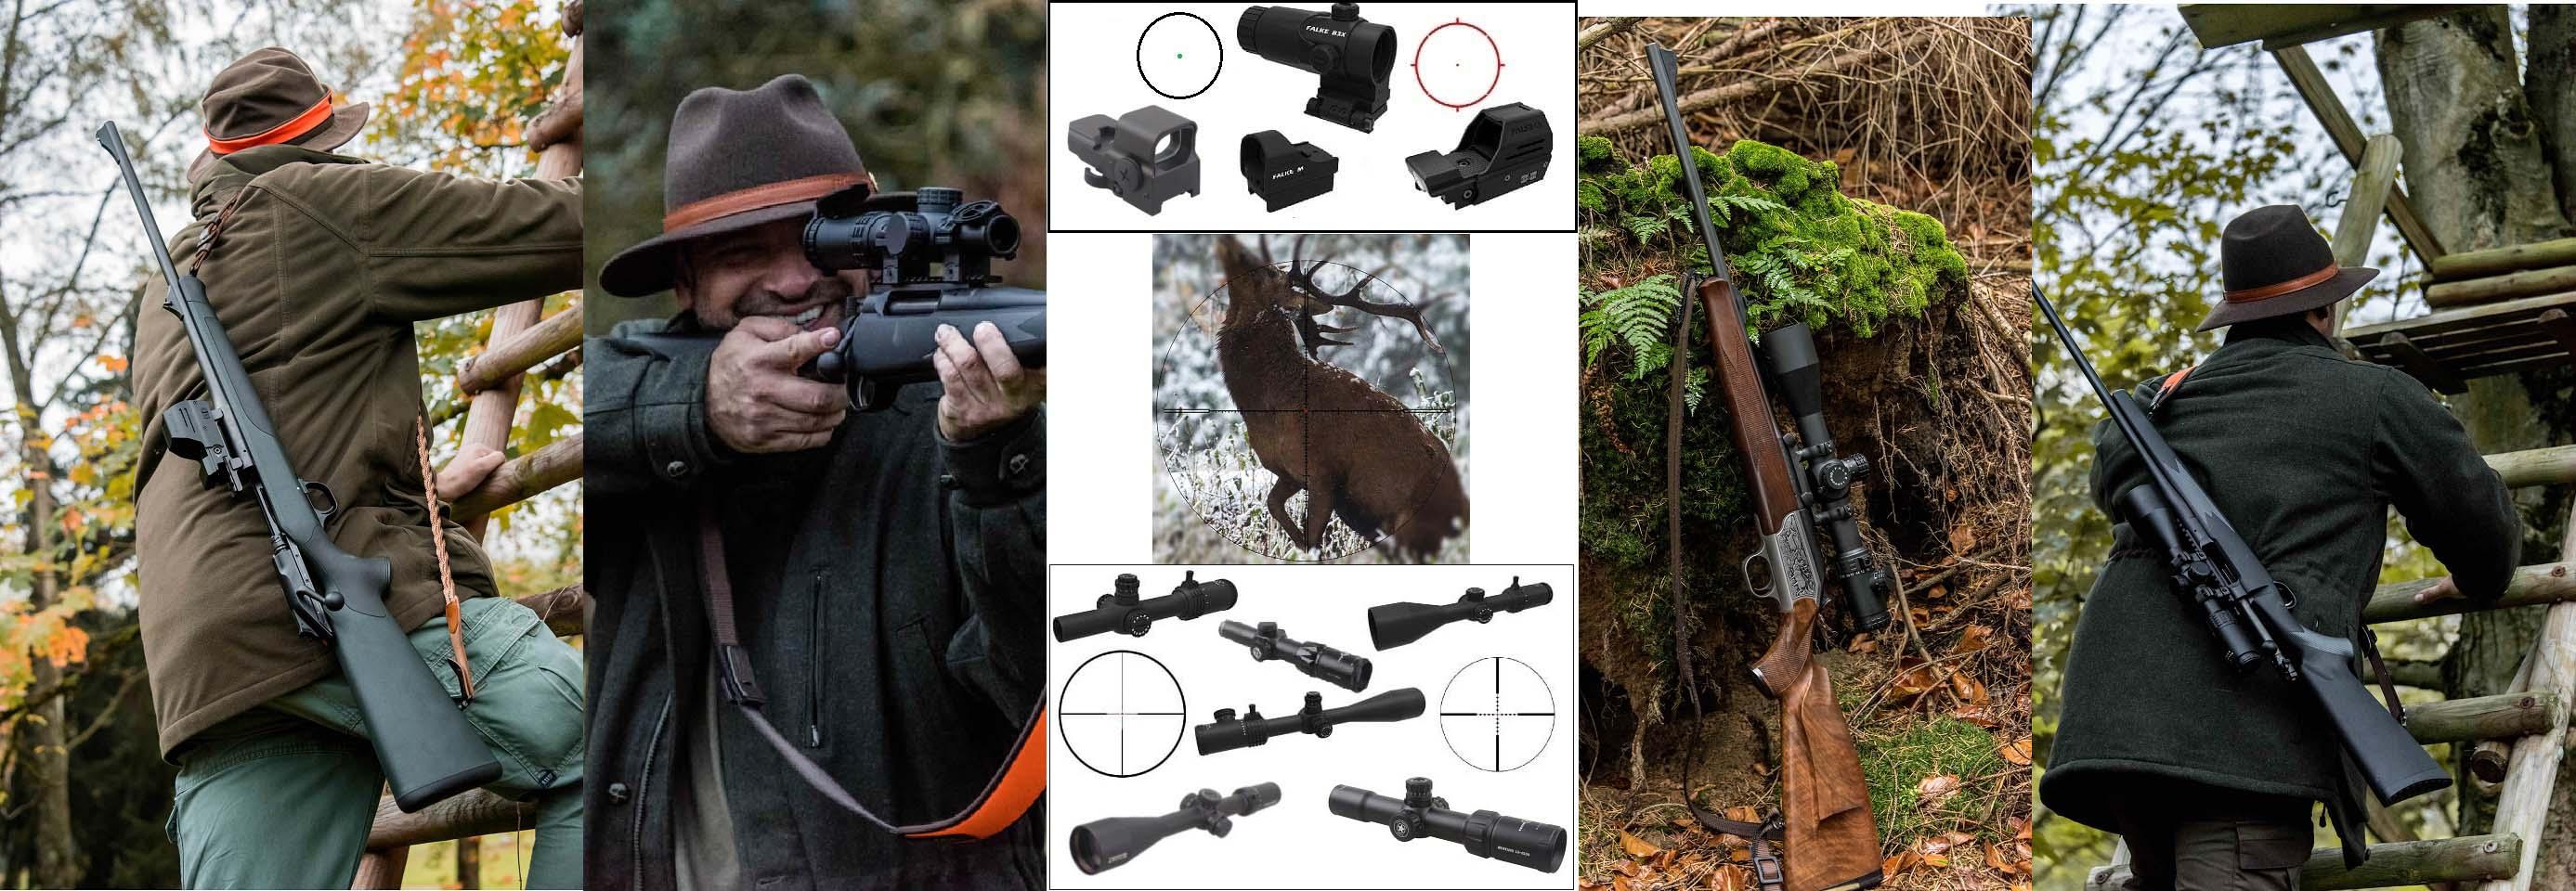 Zielfernrohr-fuer-die-Jagd-Jagdoptik-Zielhilfe